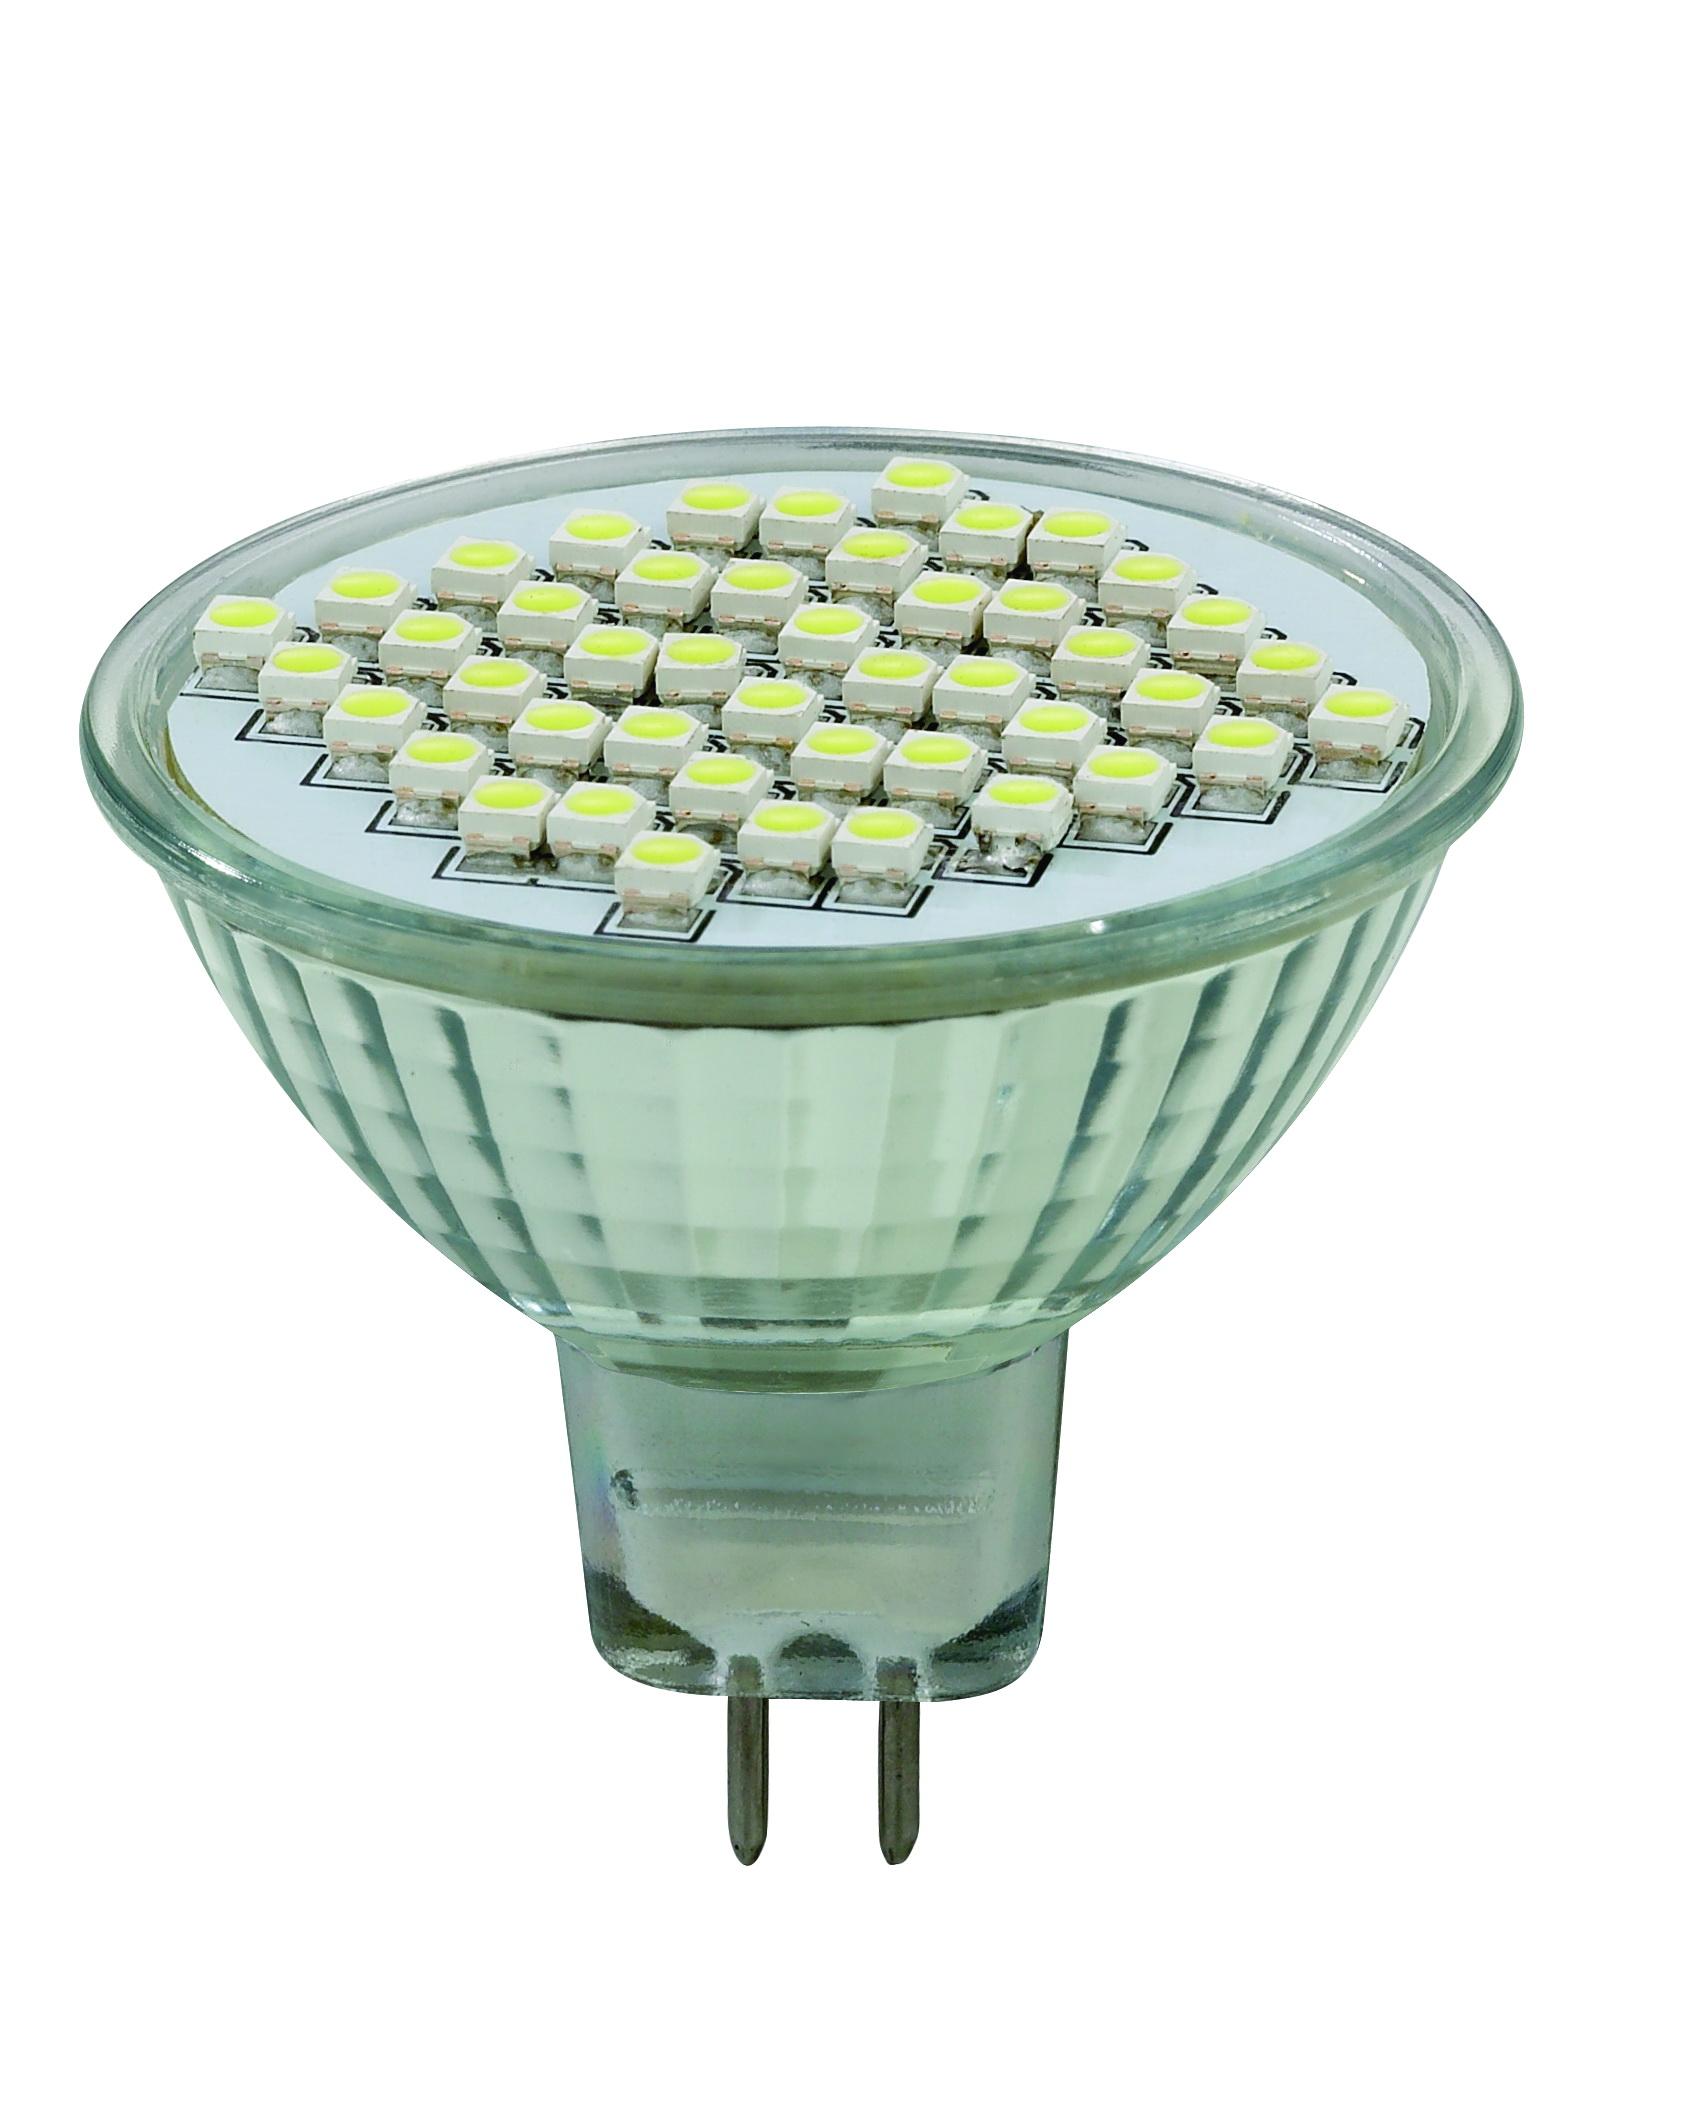 светильник леда светодиодный фото